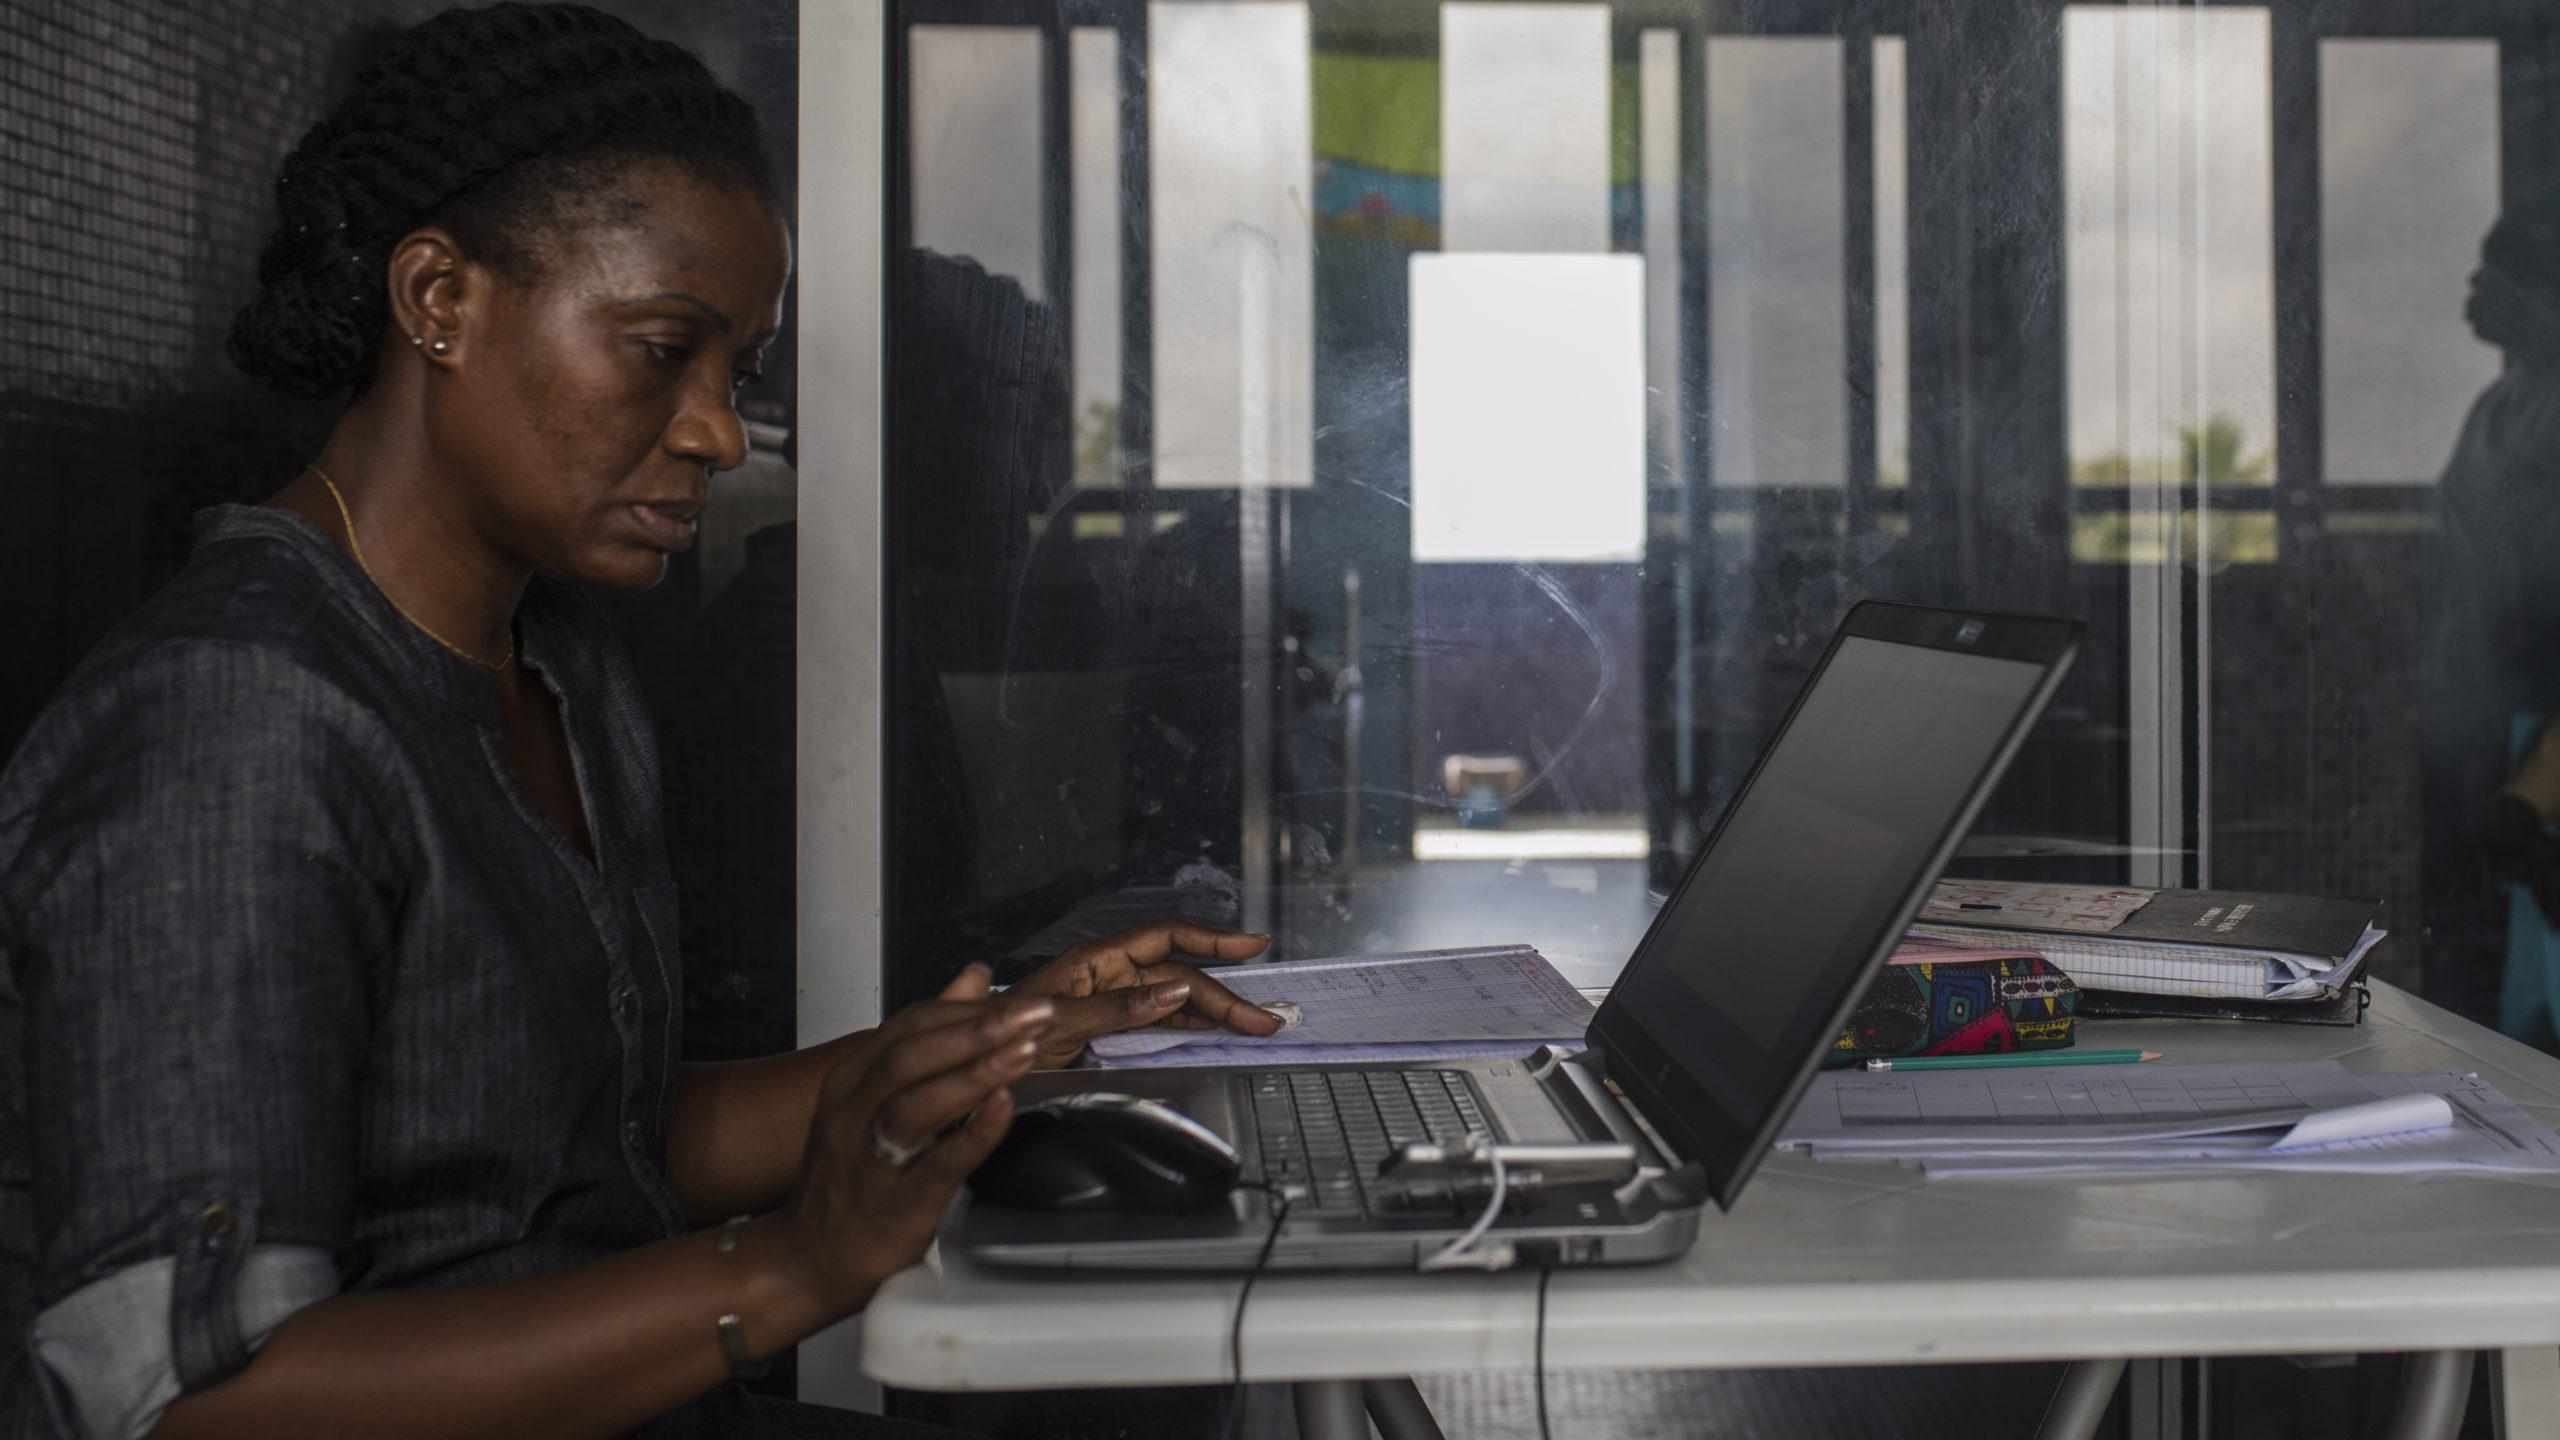 Observatoires communautaires :  La veille citoyenne pour améliorer l'accès à la santé